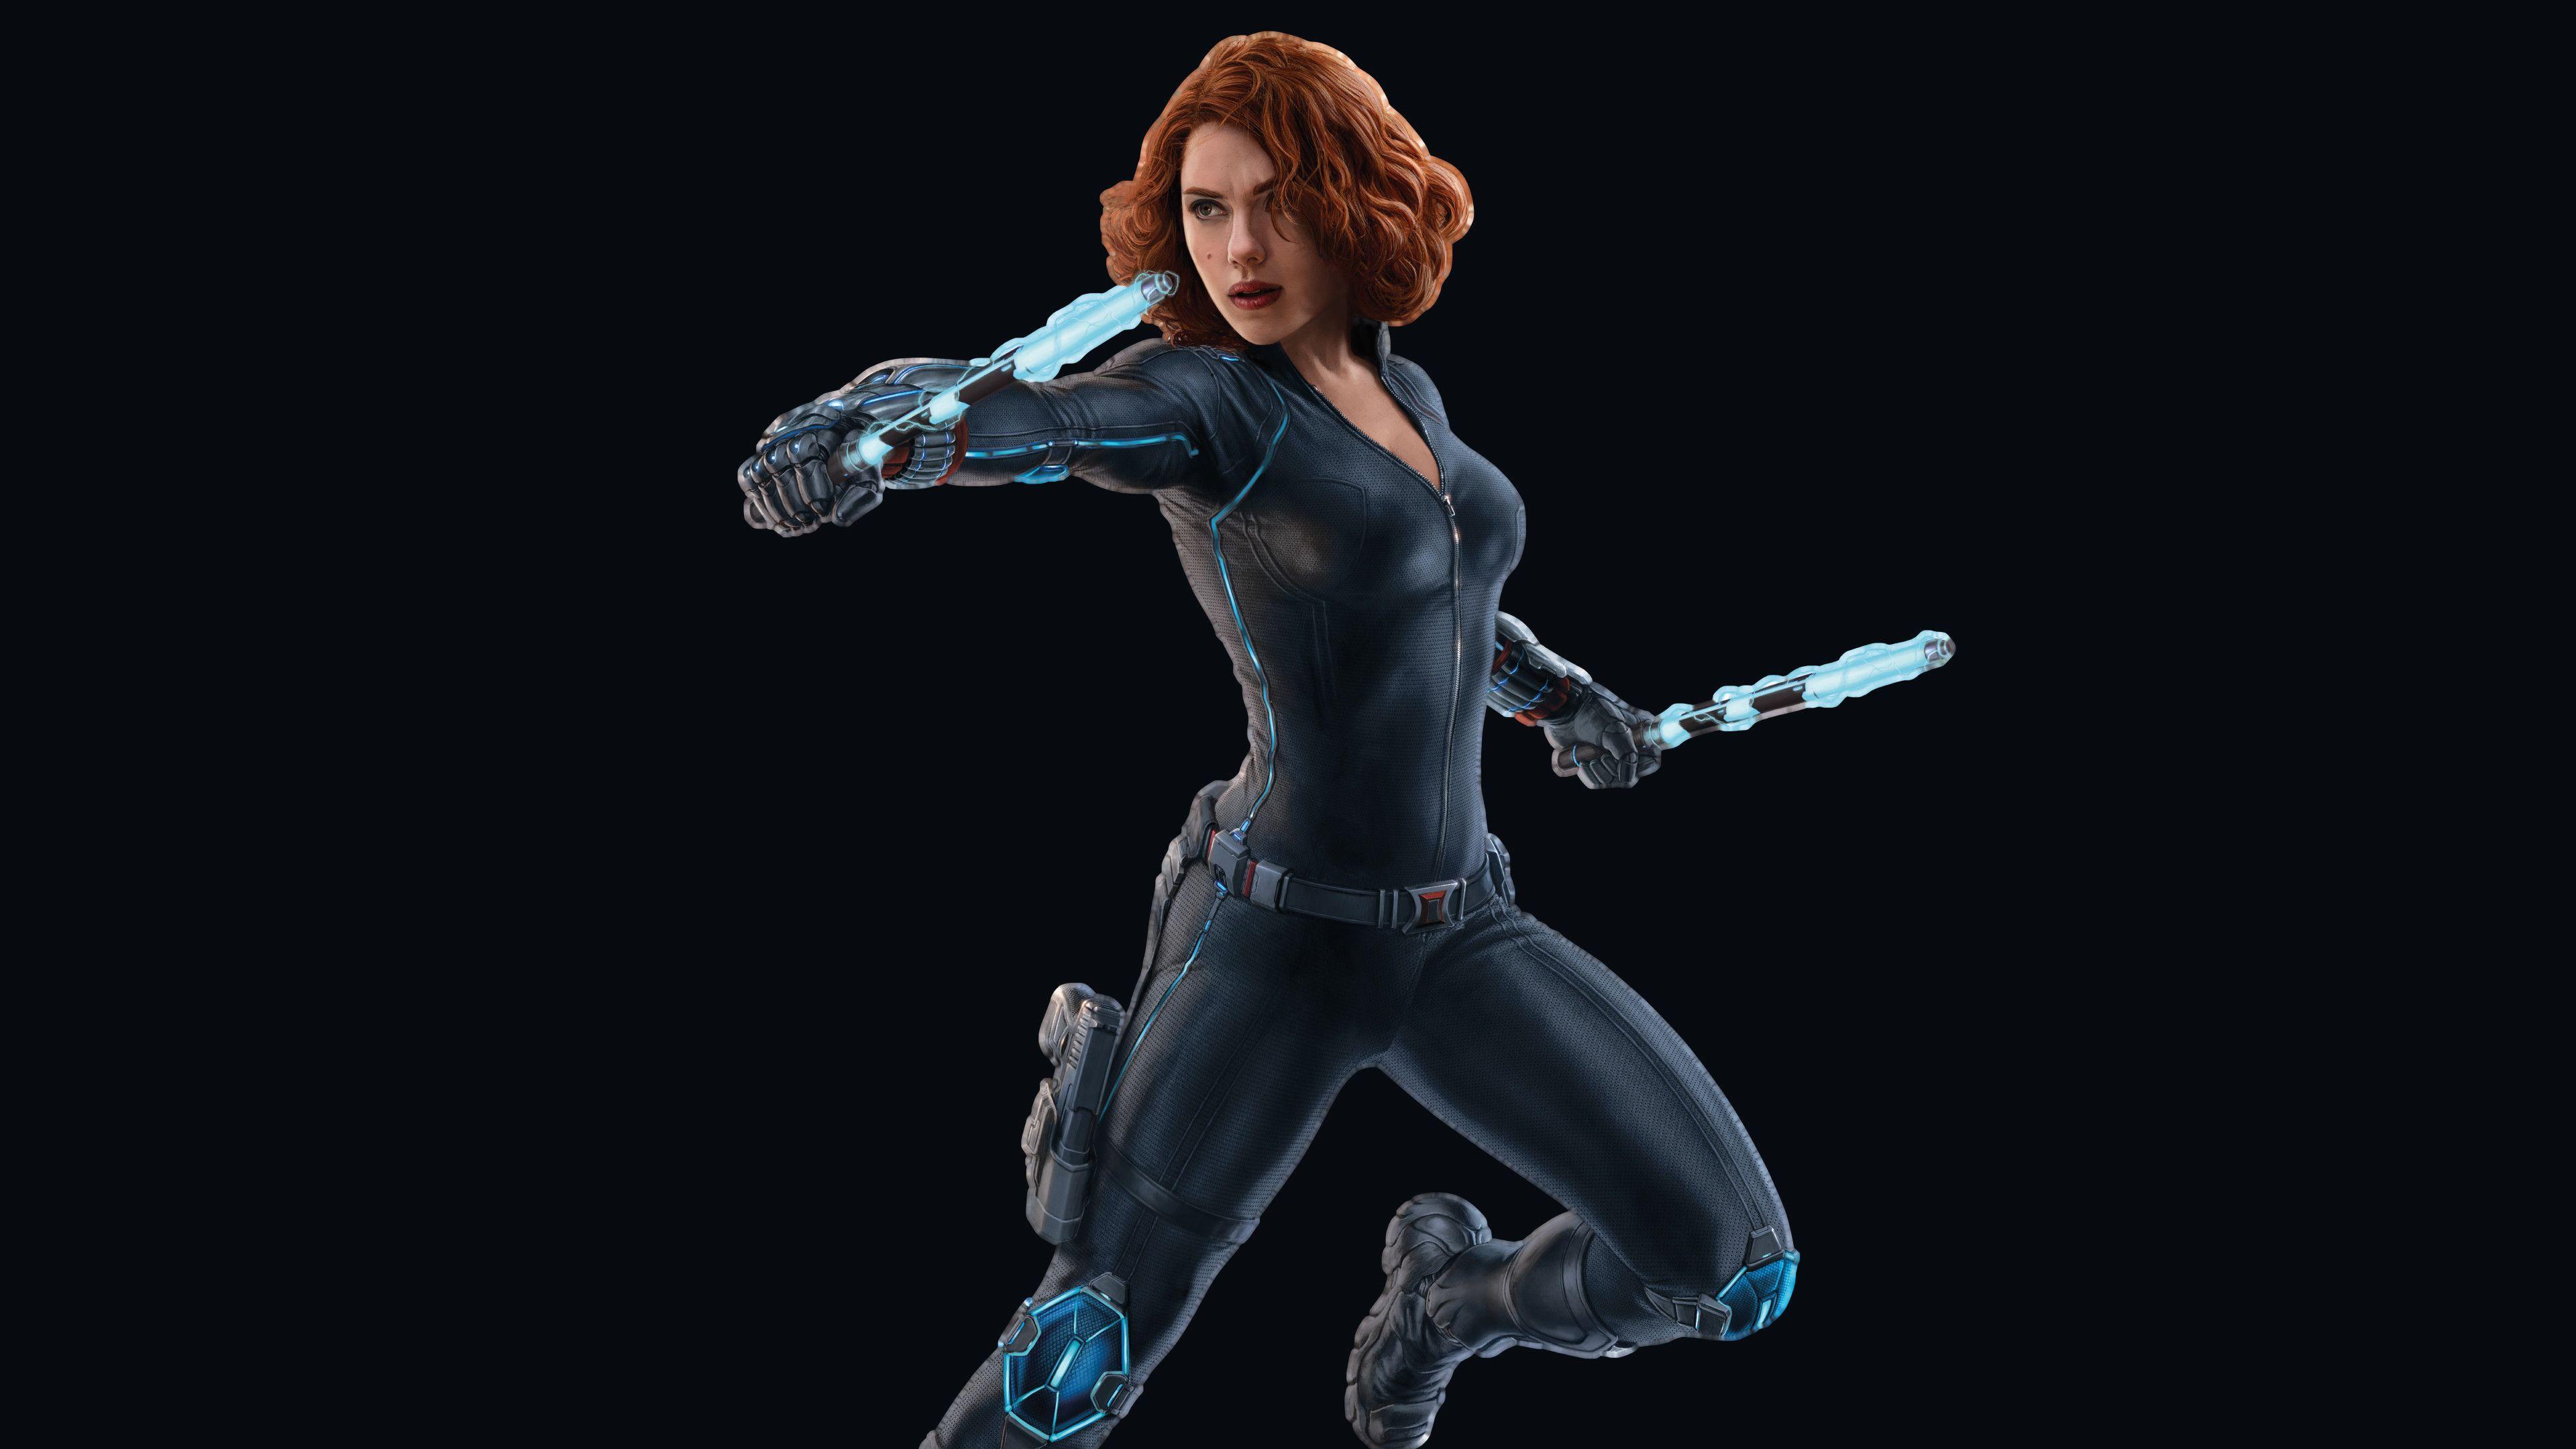 Scarlett Johansson Black Widow 4k 2018 Superheroes Wallpapers